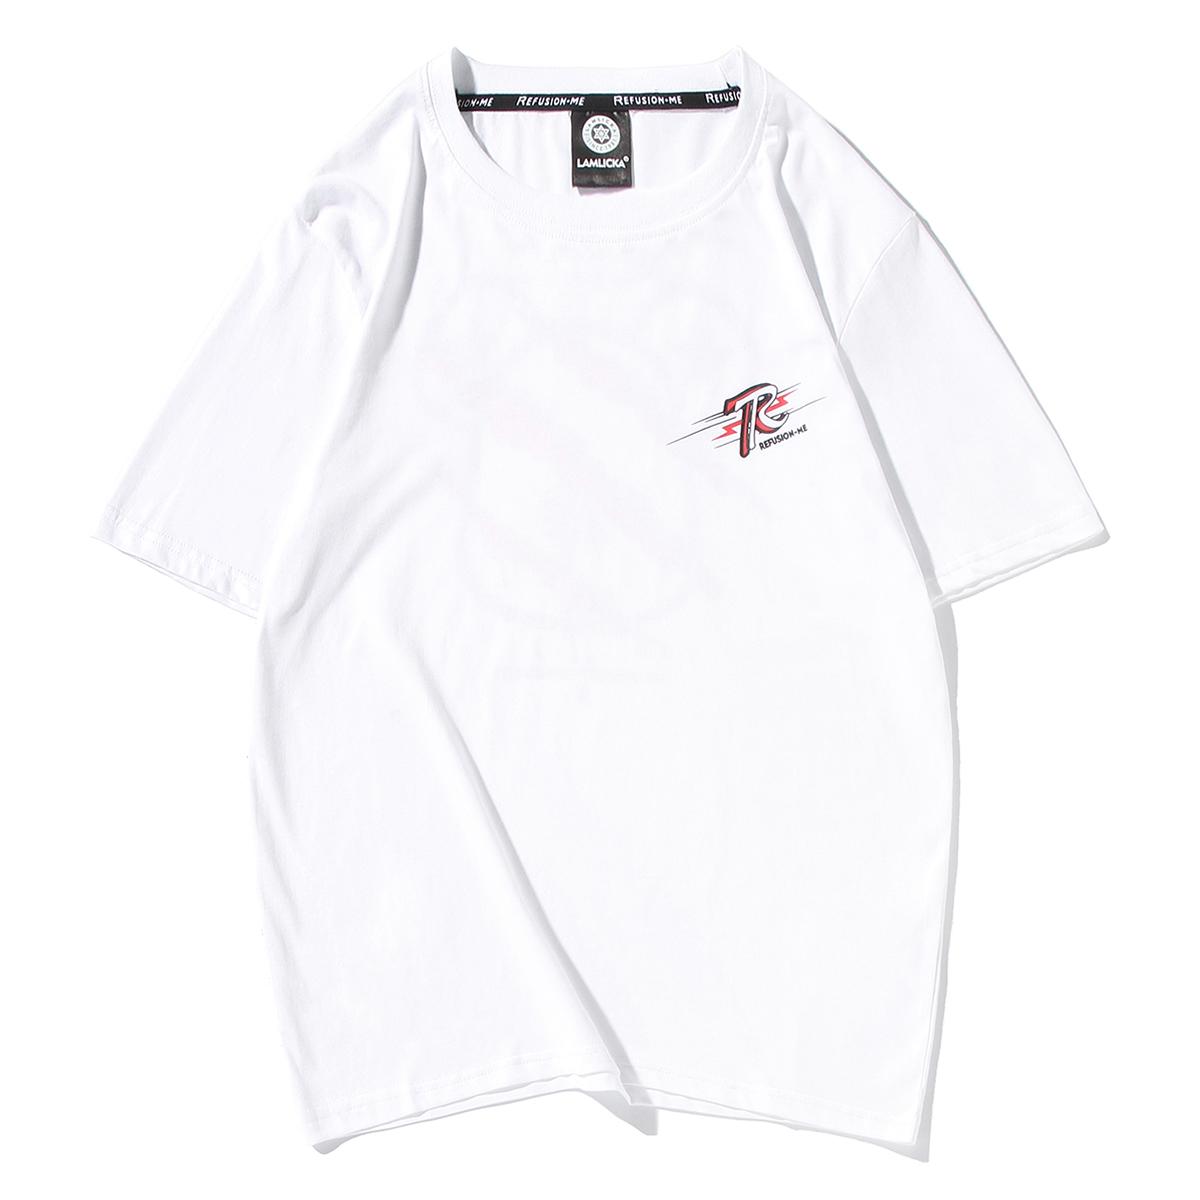 夏季男女装原创时尚潮牌街头暴力熊抓痕烫金卡通动漫印花短袖T恤